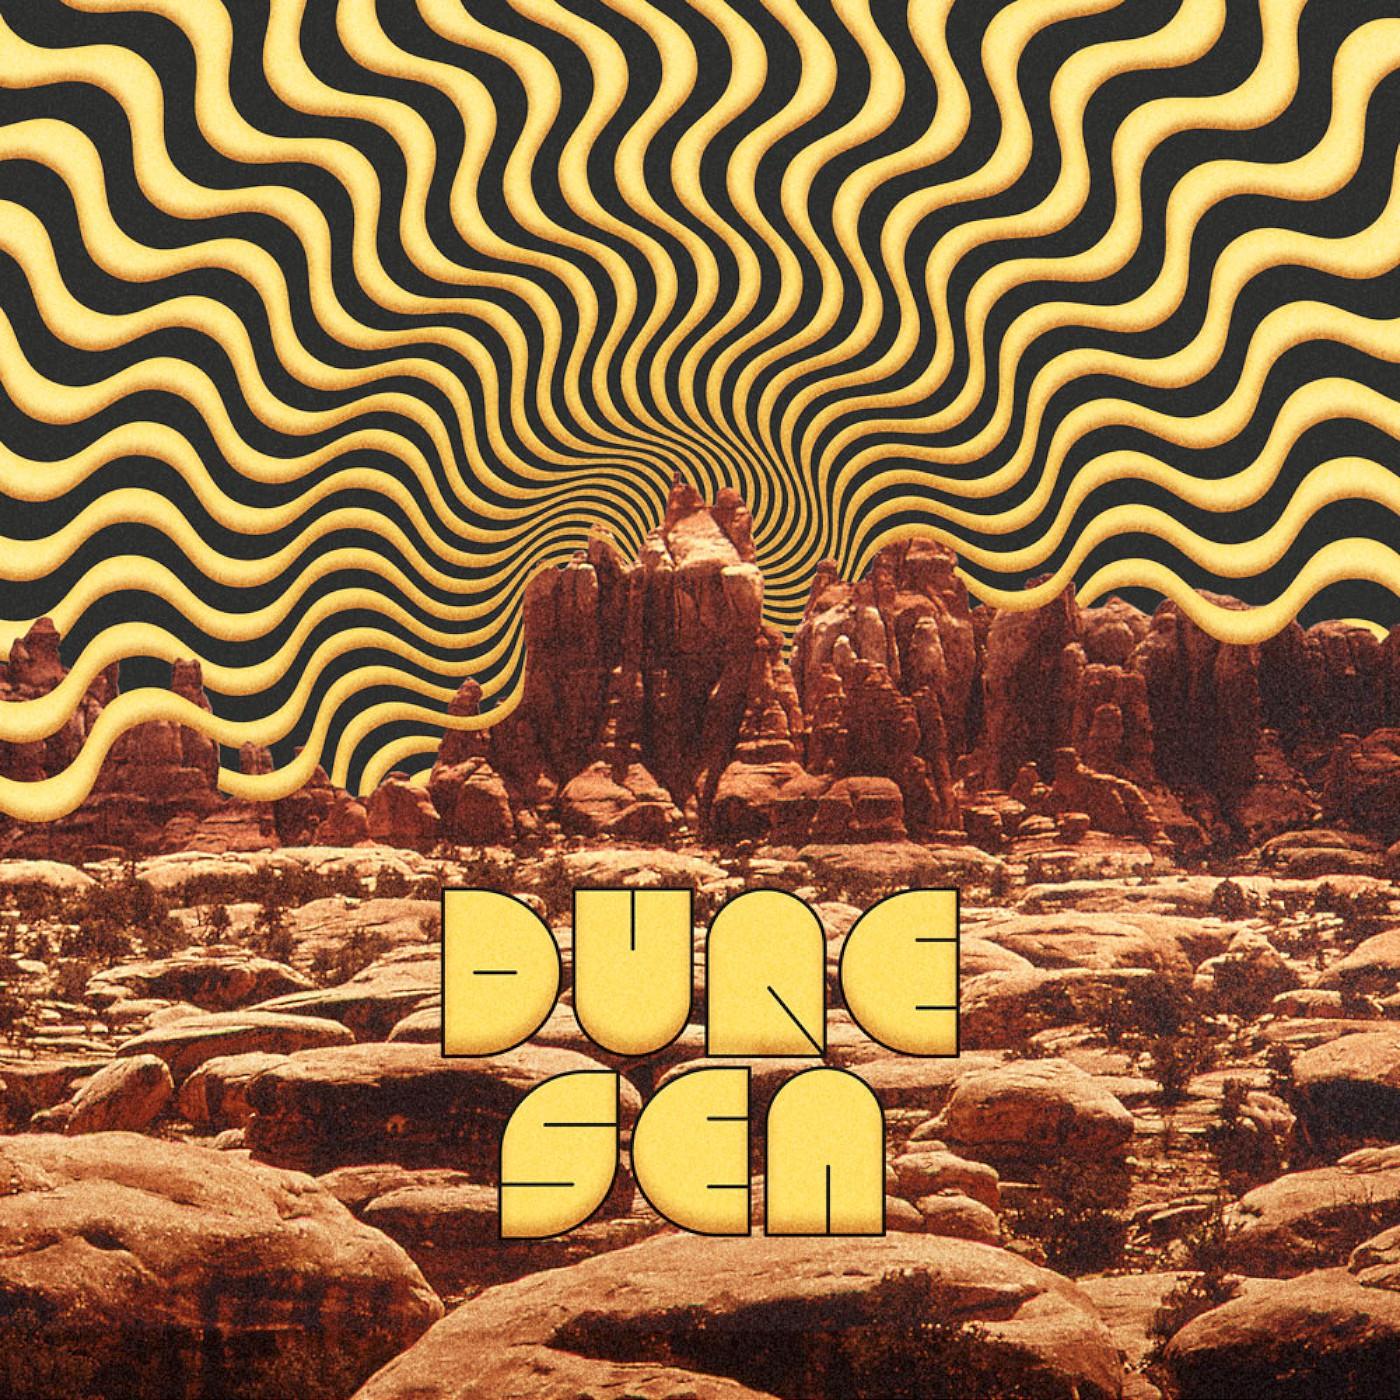 dune sea cosmic playground